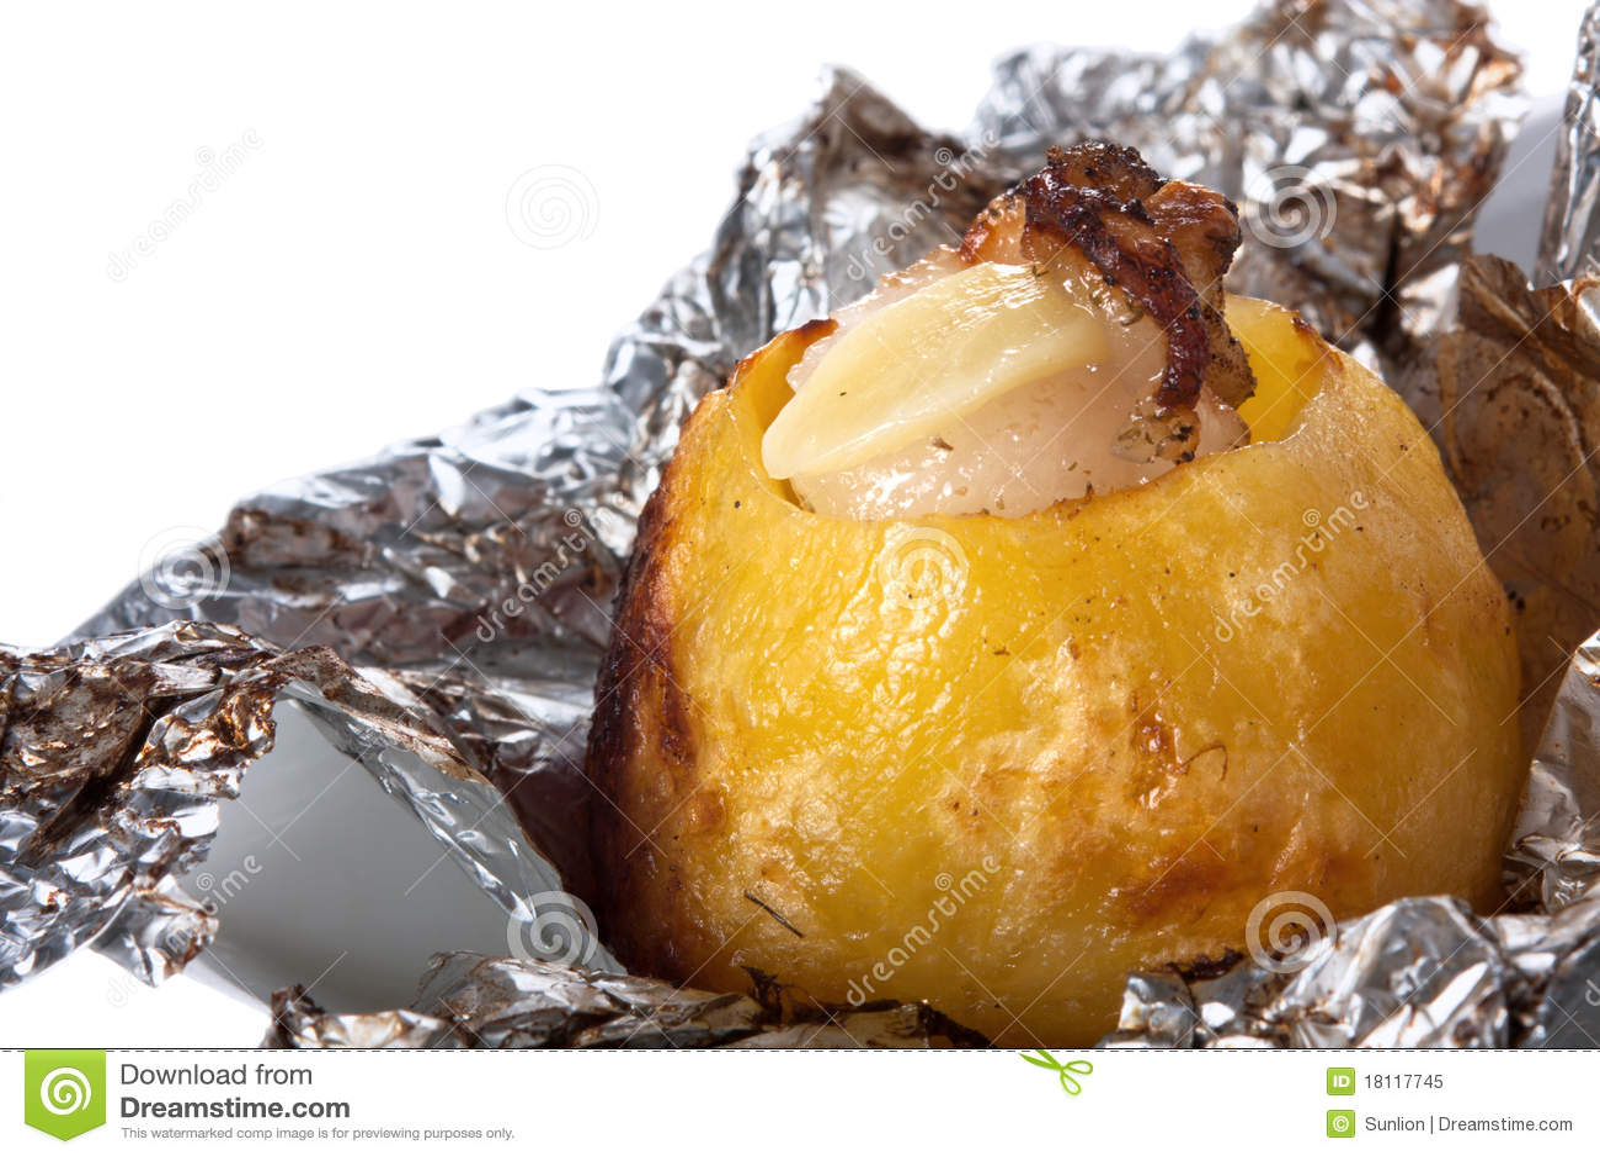 Pomme de terre cuite au four dans le clinquant photo libre de droits image 18117745 - Conservation pomme de terre cuite ...